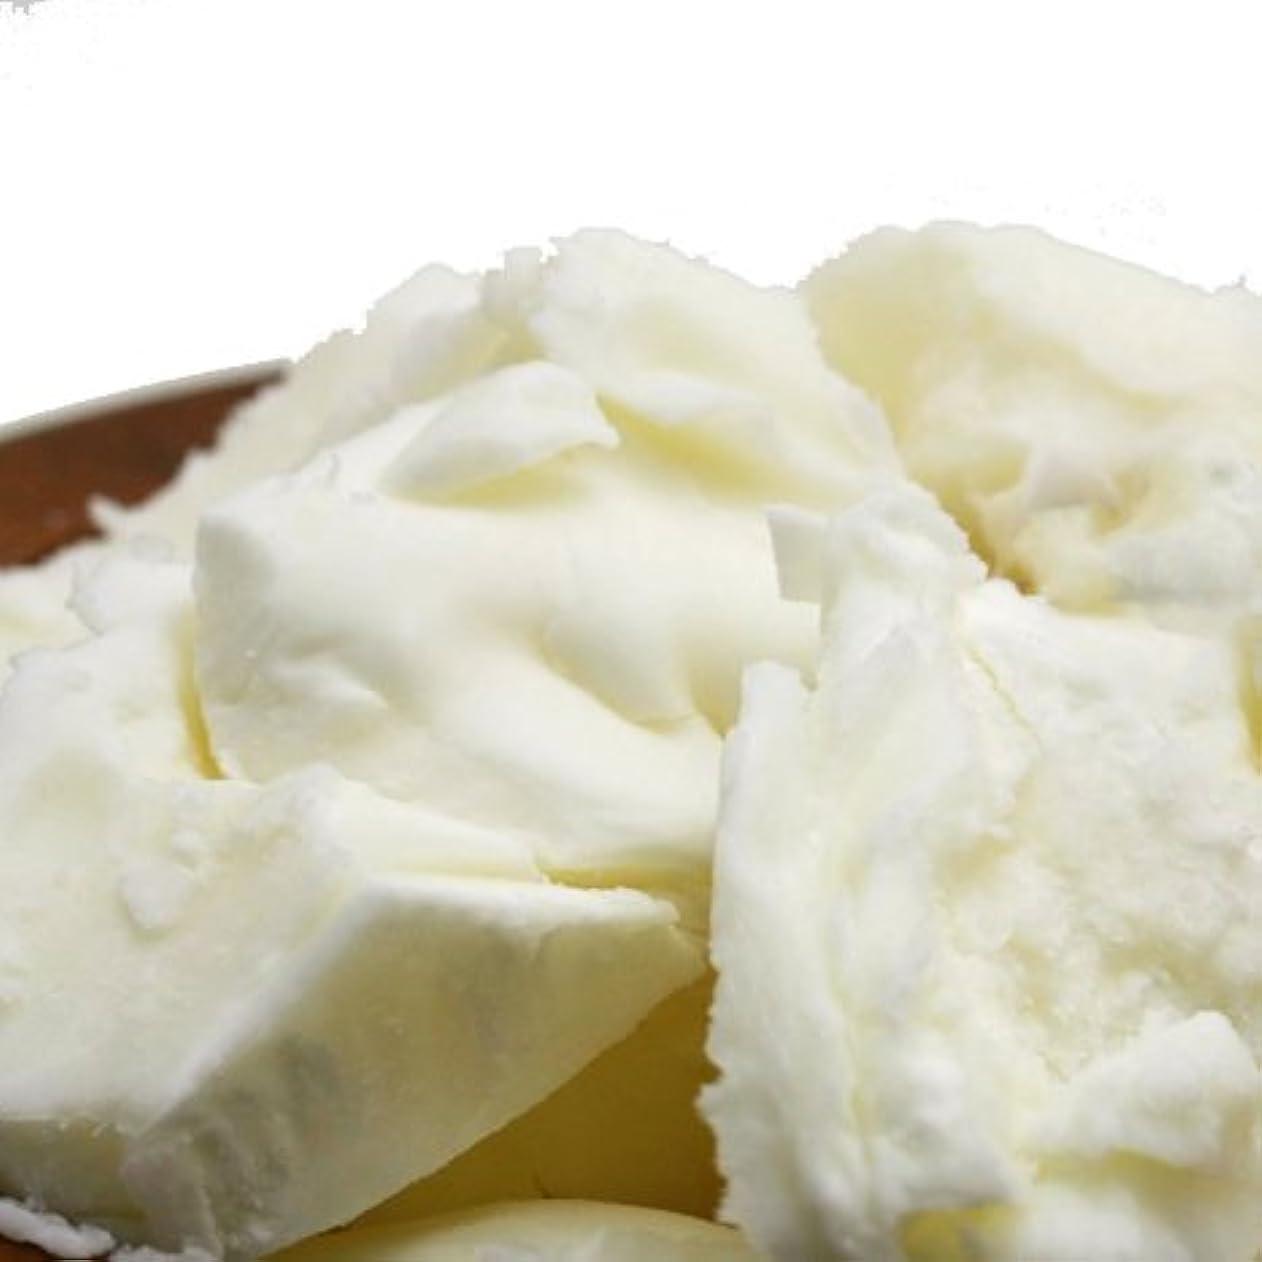 クリーム優れました年齢精製シアバター 500g シア脂 【手作り石鹸/手作りコスメ/手作り化粧品】